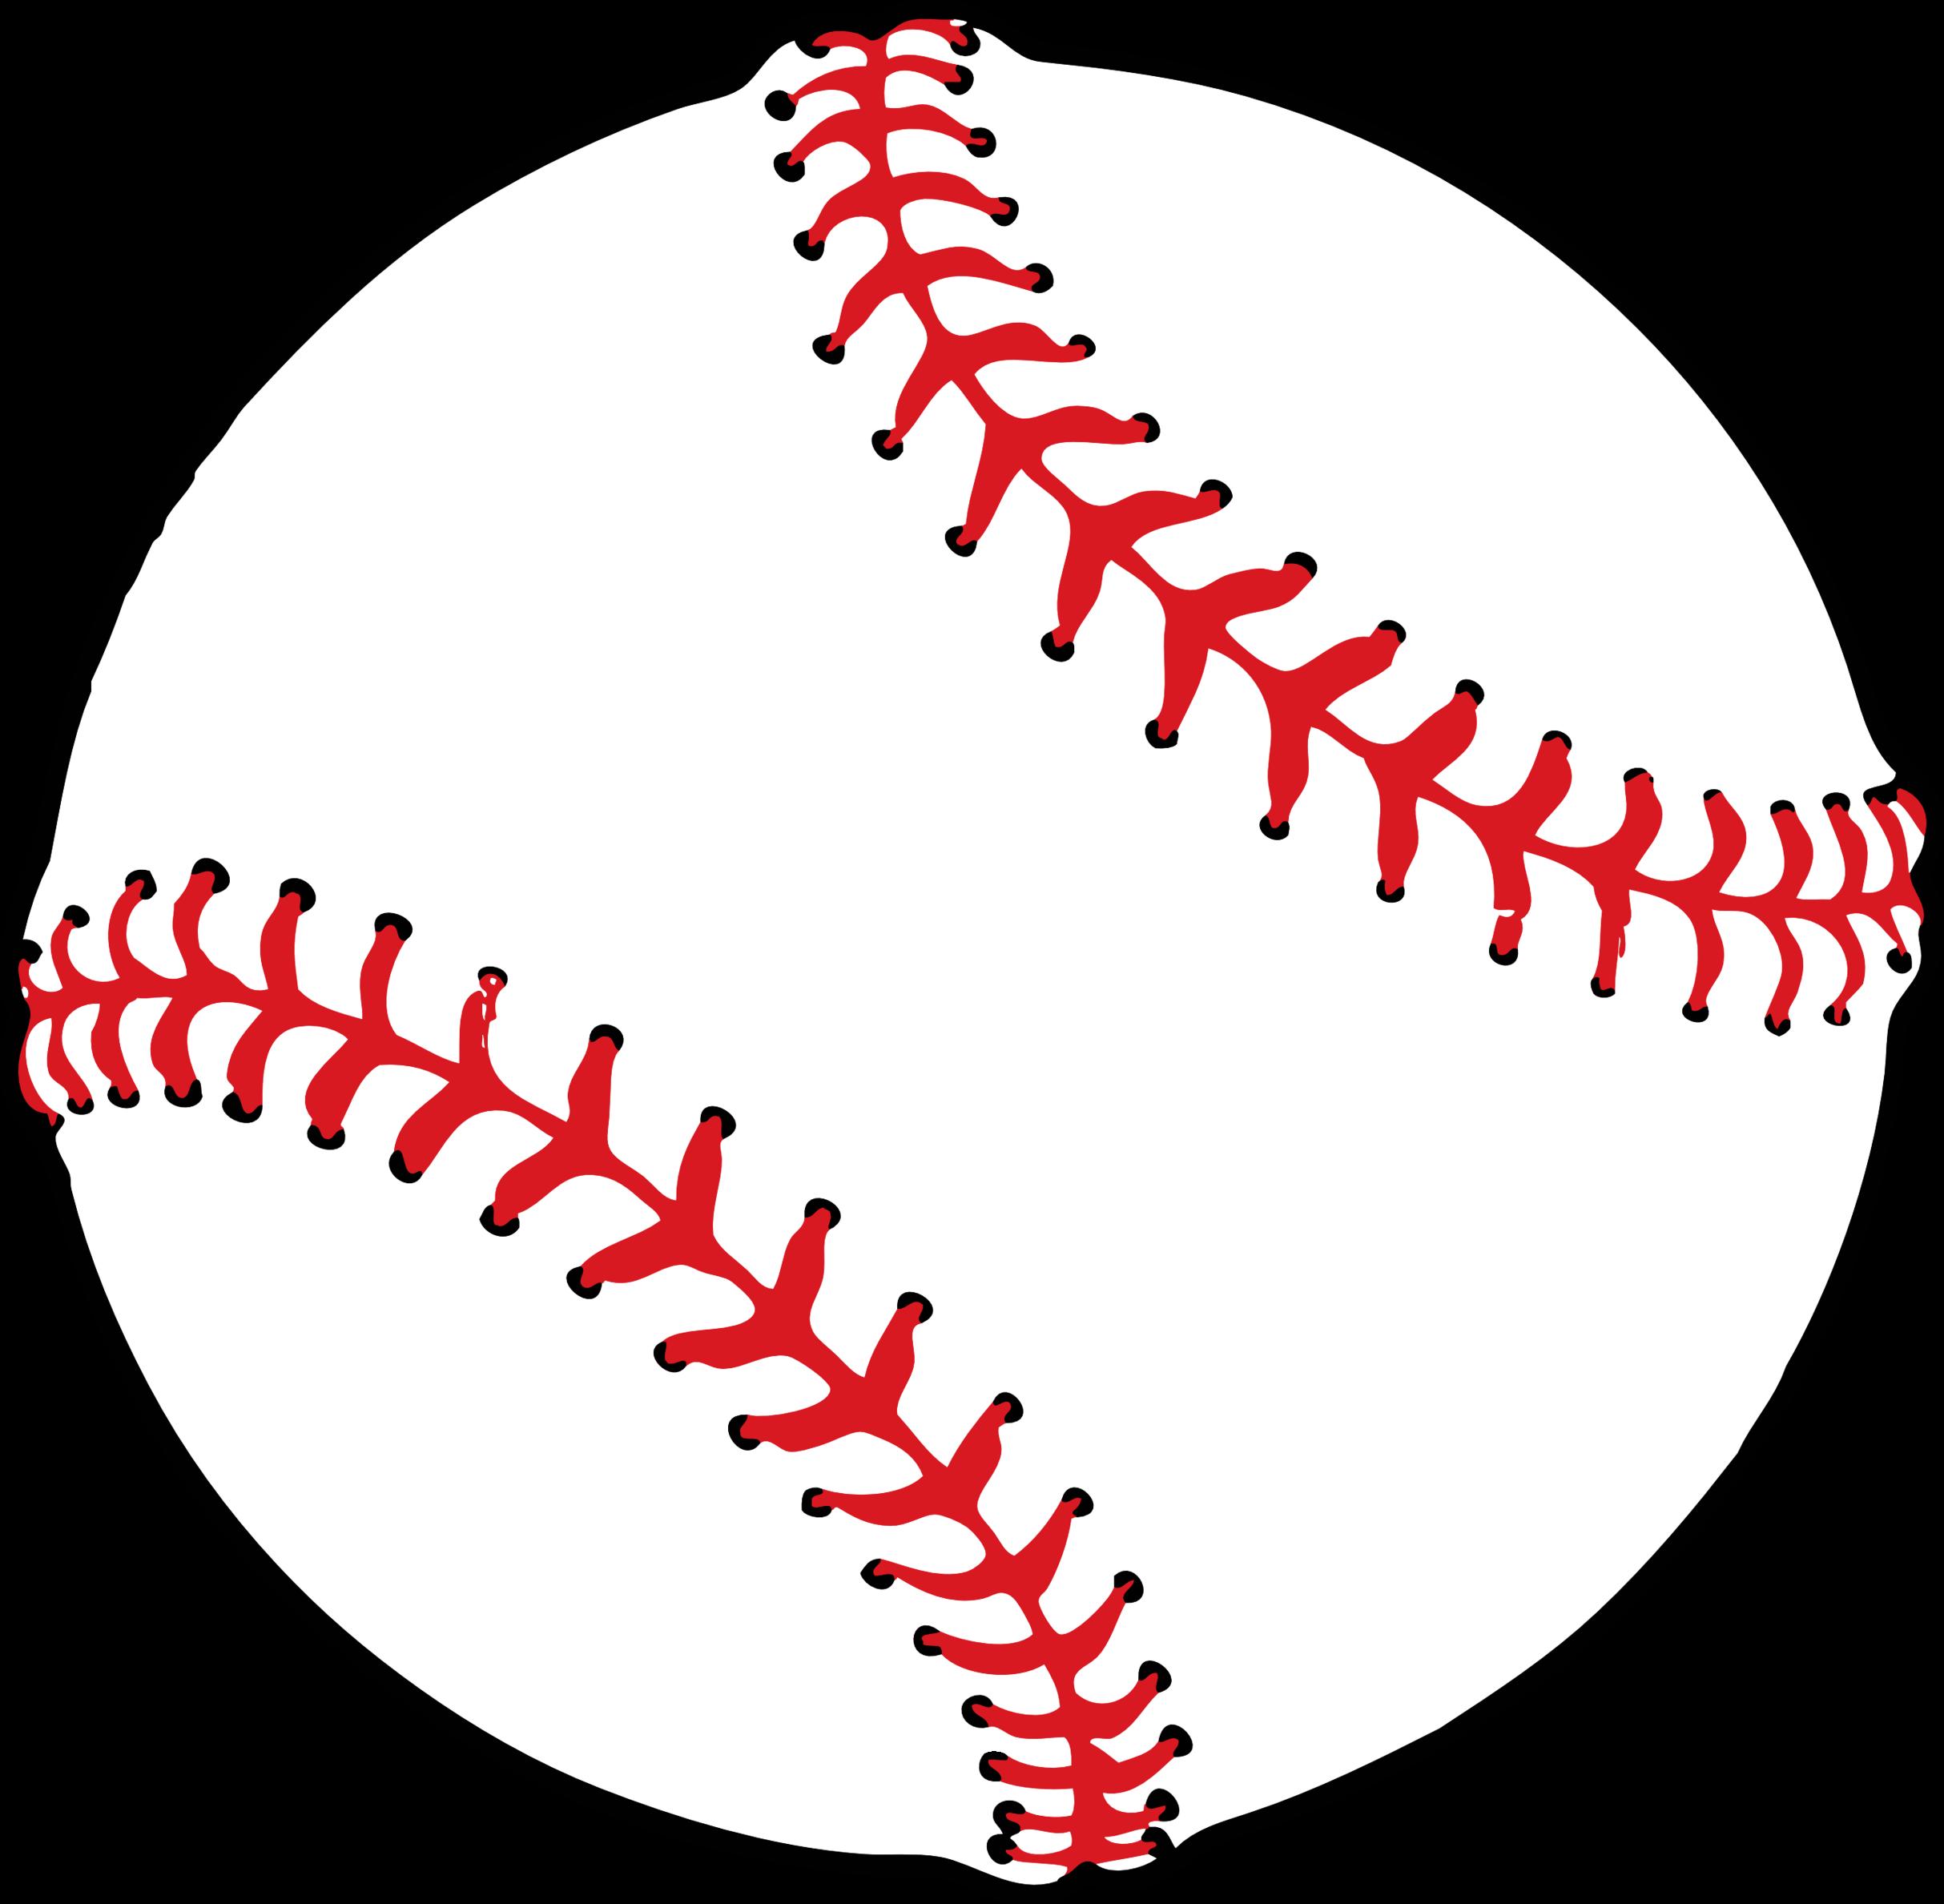 Baseball shirt clipart image transparent stock Free Summer Baseball Cliparts, Download Free Clip Art, Free Clip Art ... image transparent stock